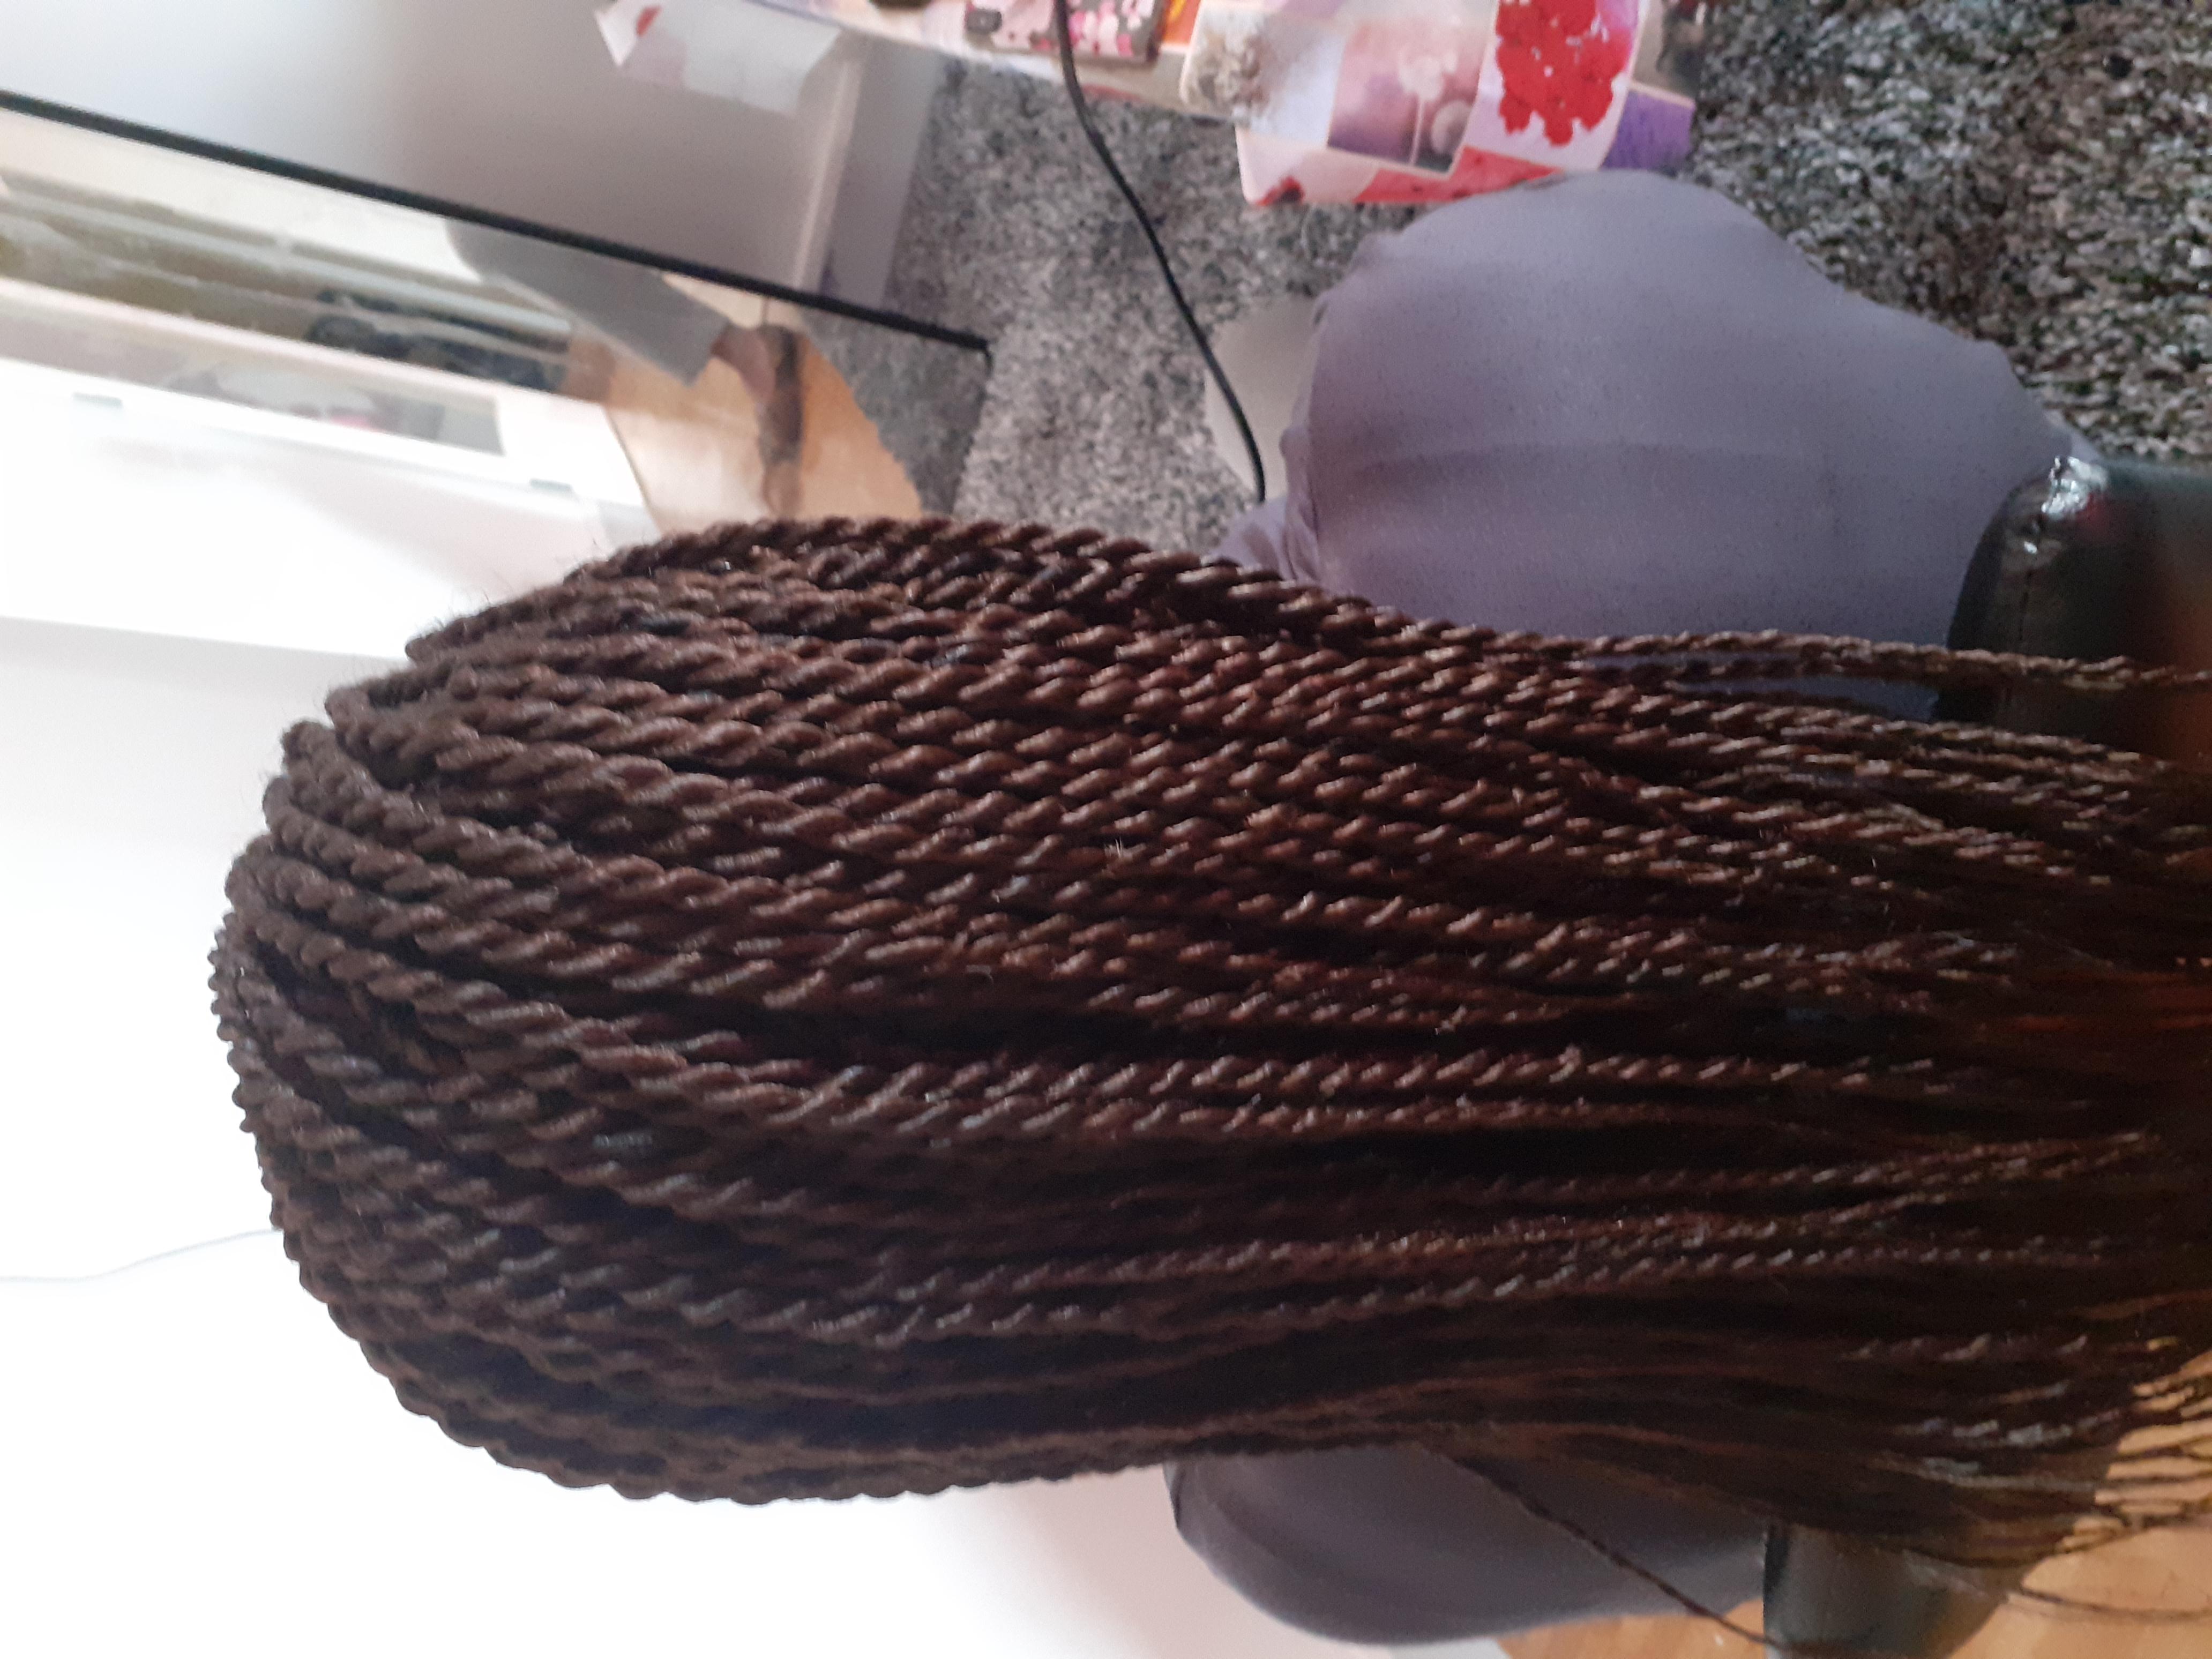 salon de coiffure afro tresse tresses box braids crochet braids vanilles tissages paris 75 77 78 91 92 93 94 95 BPIUOYUP